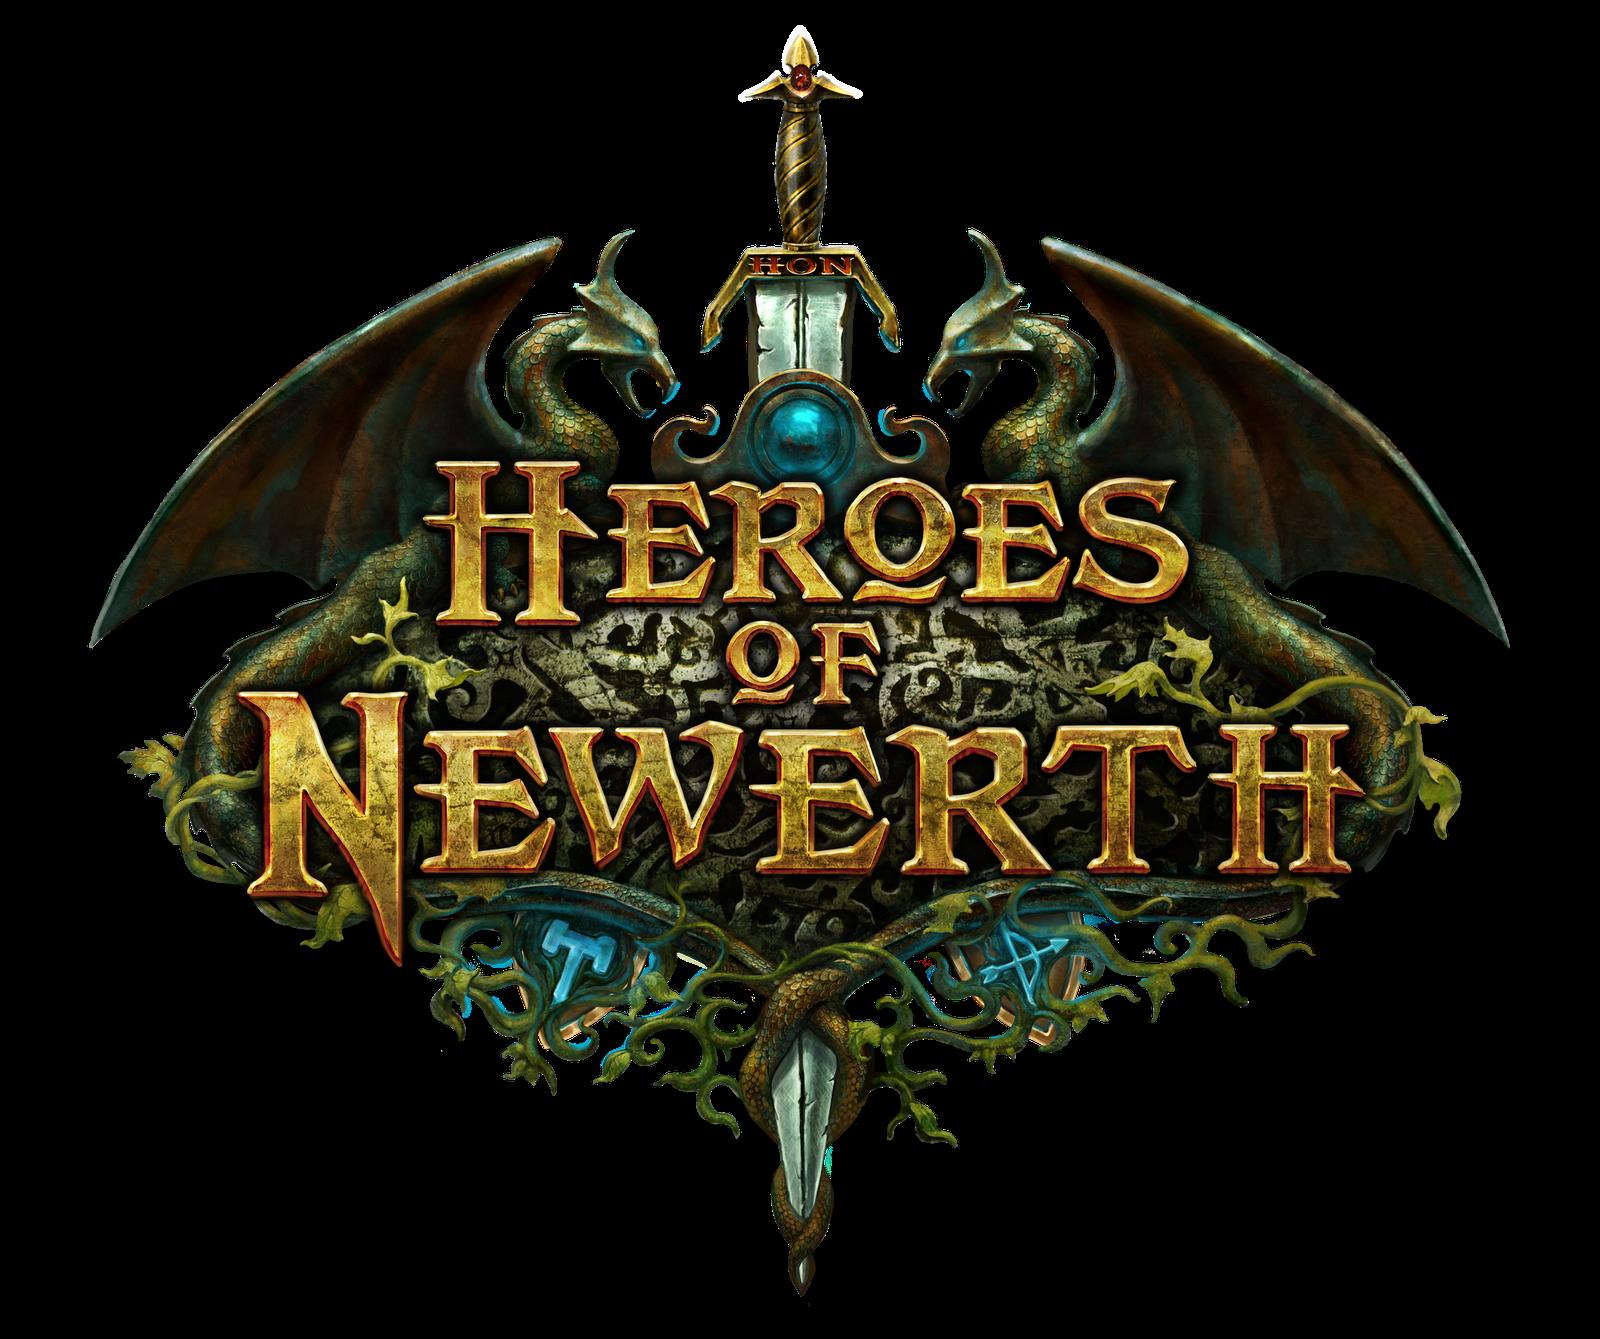 http://4.bp.blogspot.com/-IQoWyZ6a5CI/TtdWoYEaaJI/AAAAAAAACAo/qc7zMRW3o10/s1600/heroes_of_newerth.png